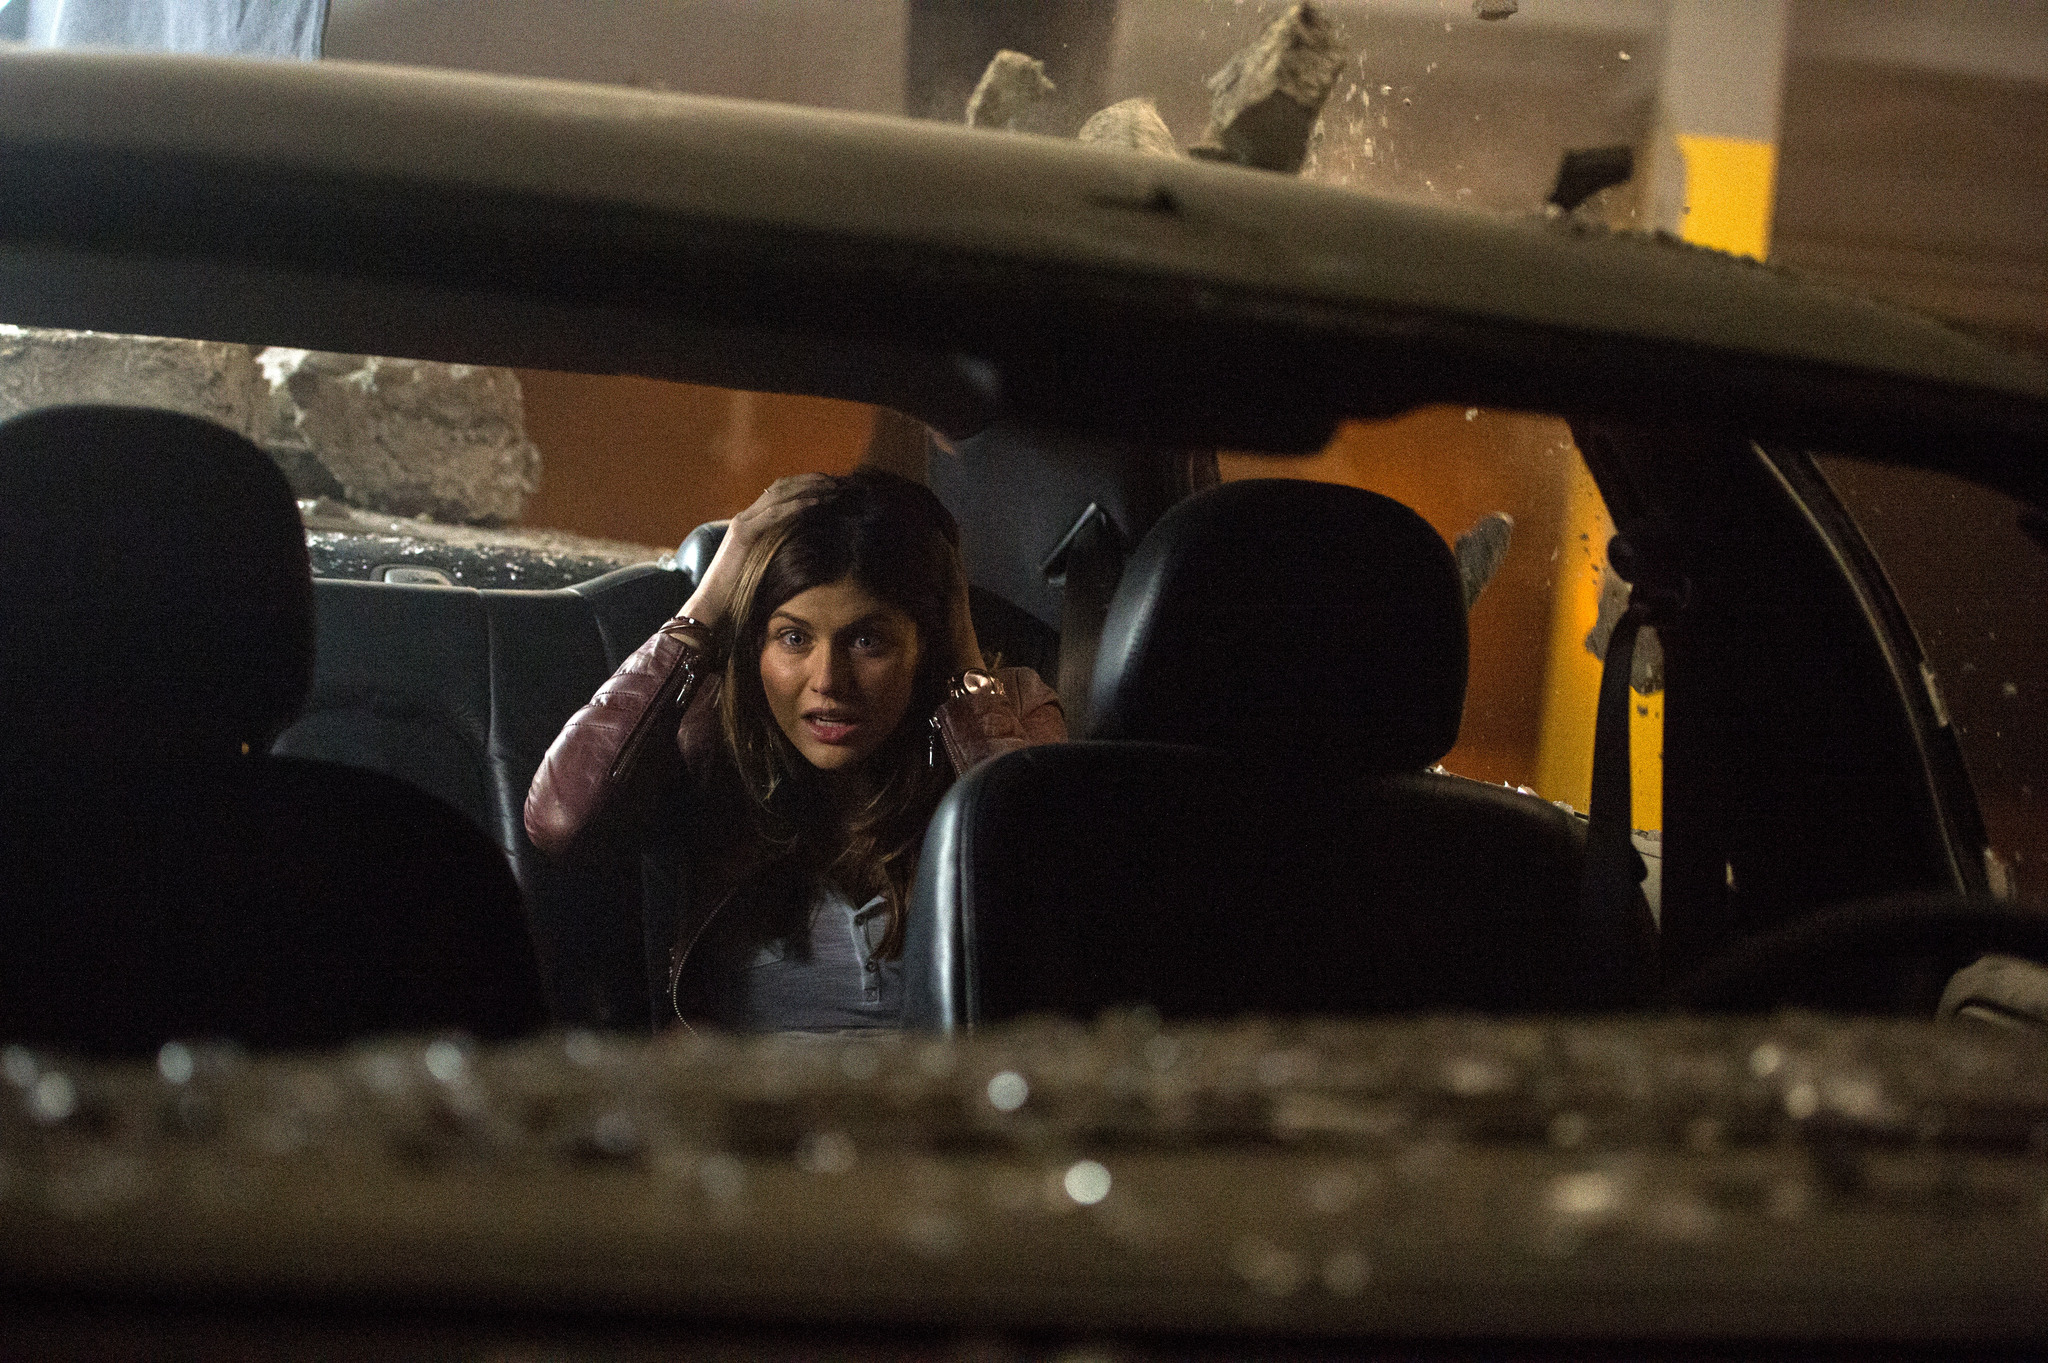 Alexandra Daddario in San Andreas (2015)